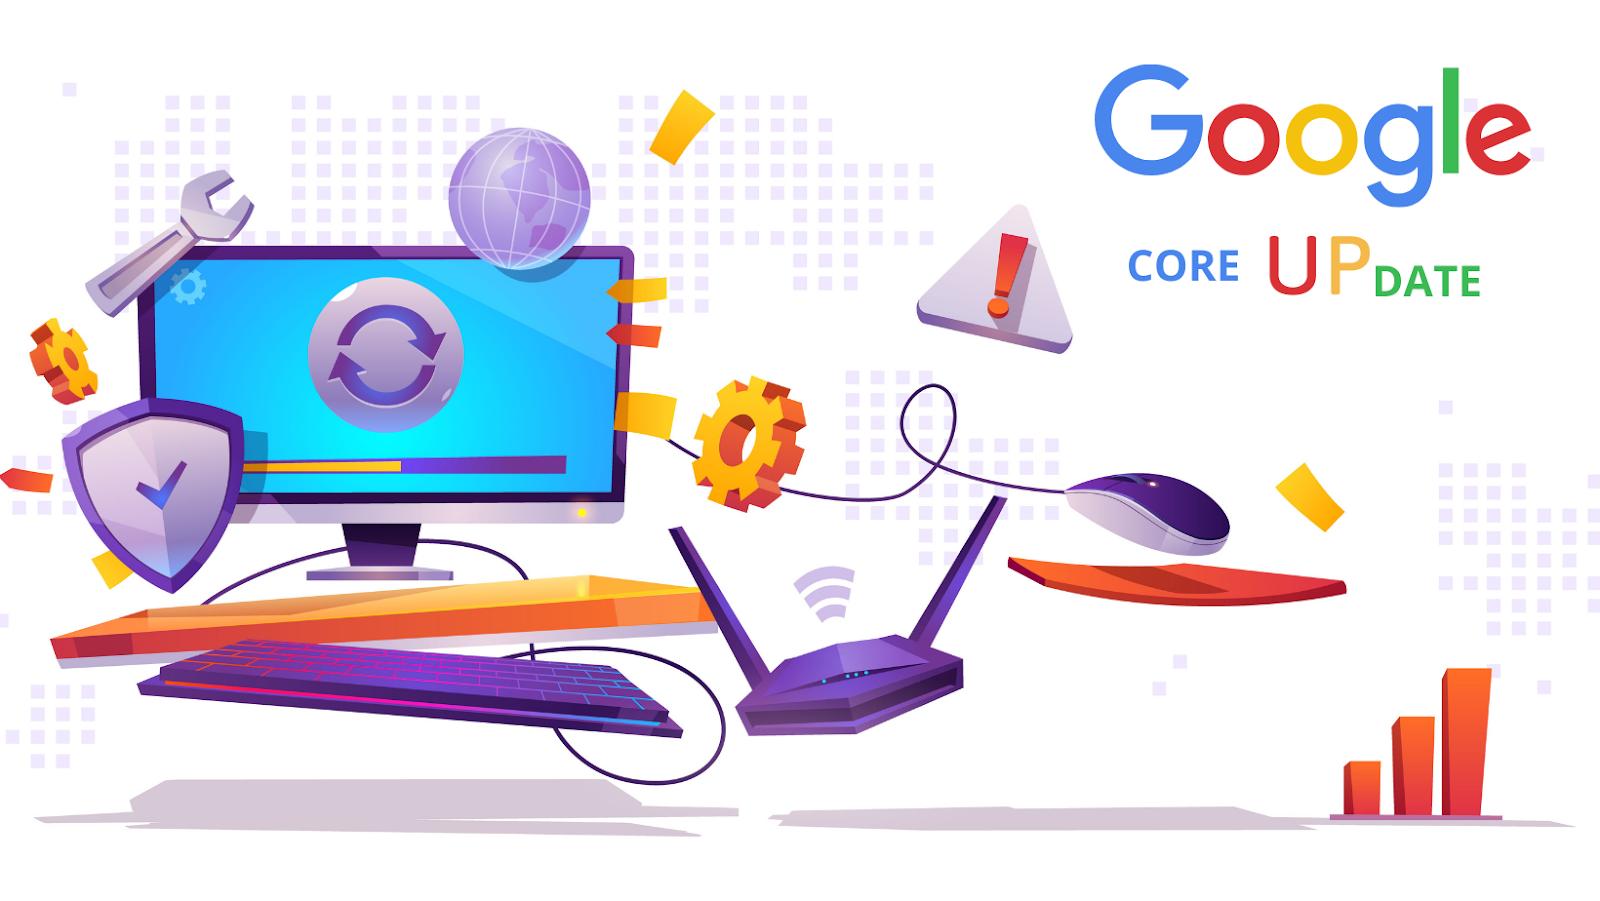 Google phát hành Google Core Update 7 2021